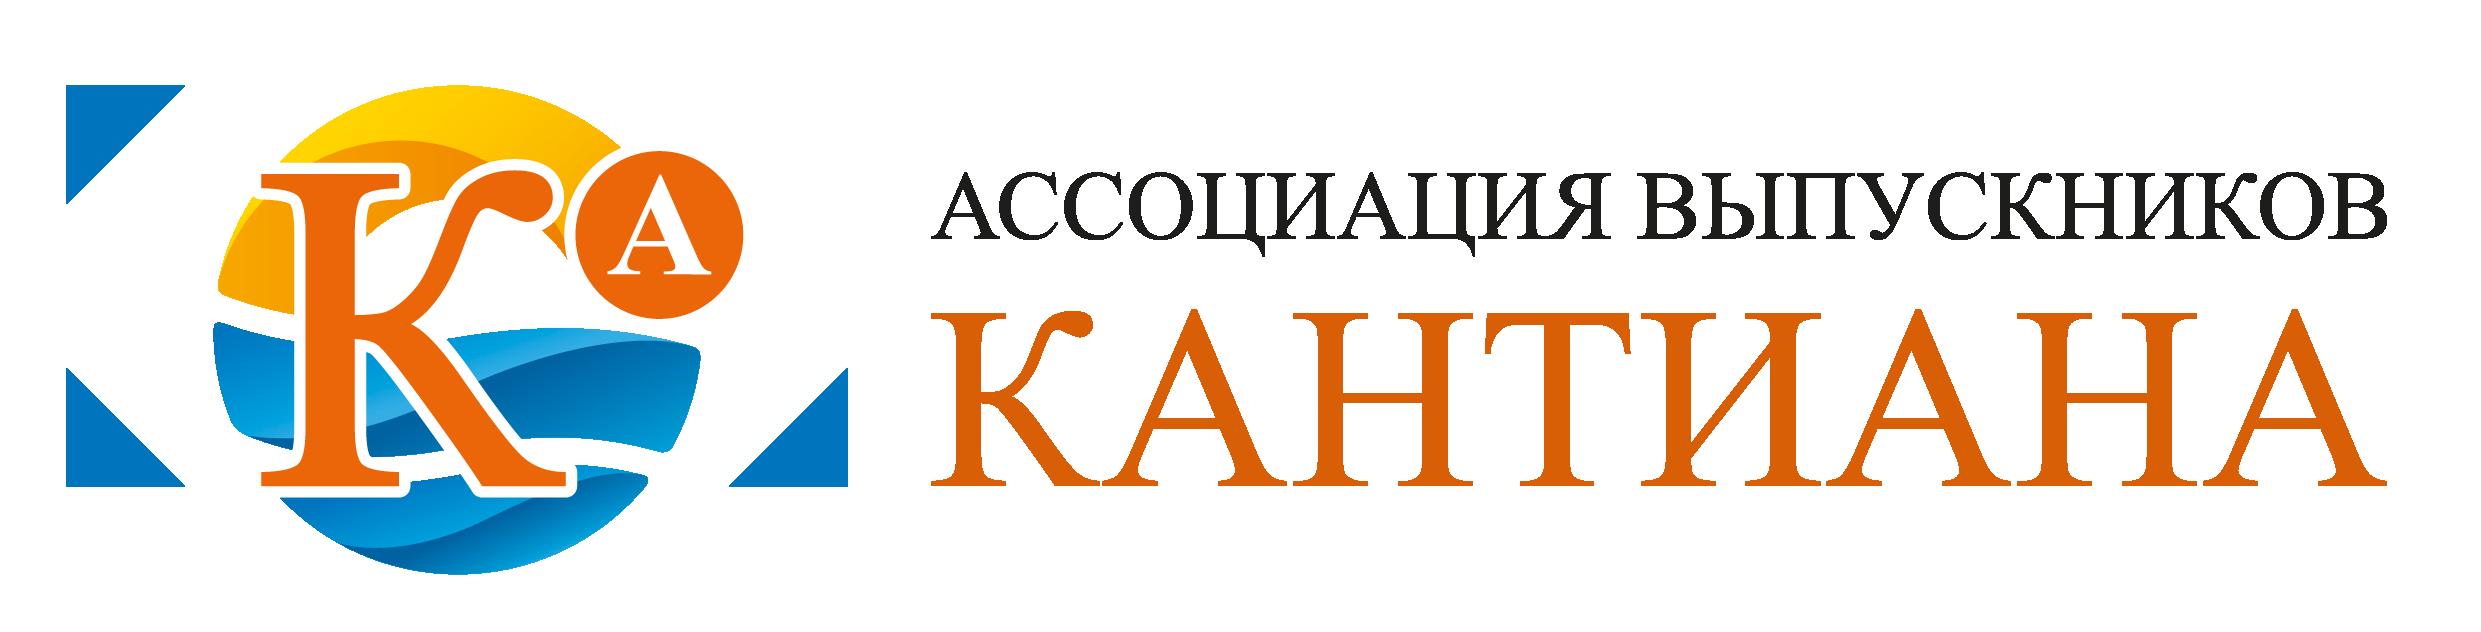 Ассоциация выпускников БФУ им. И. Канта